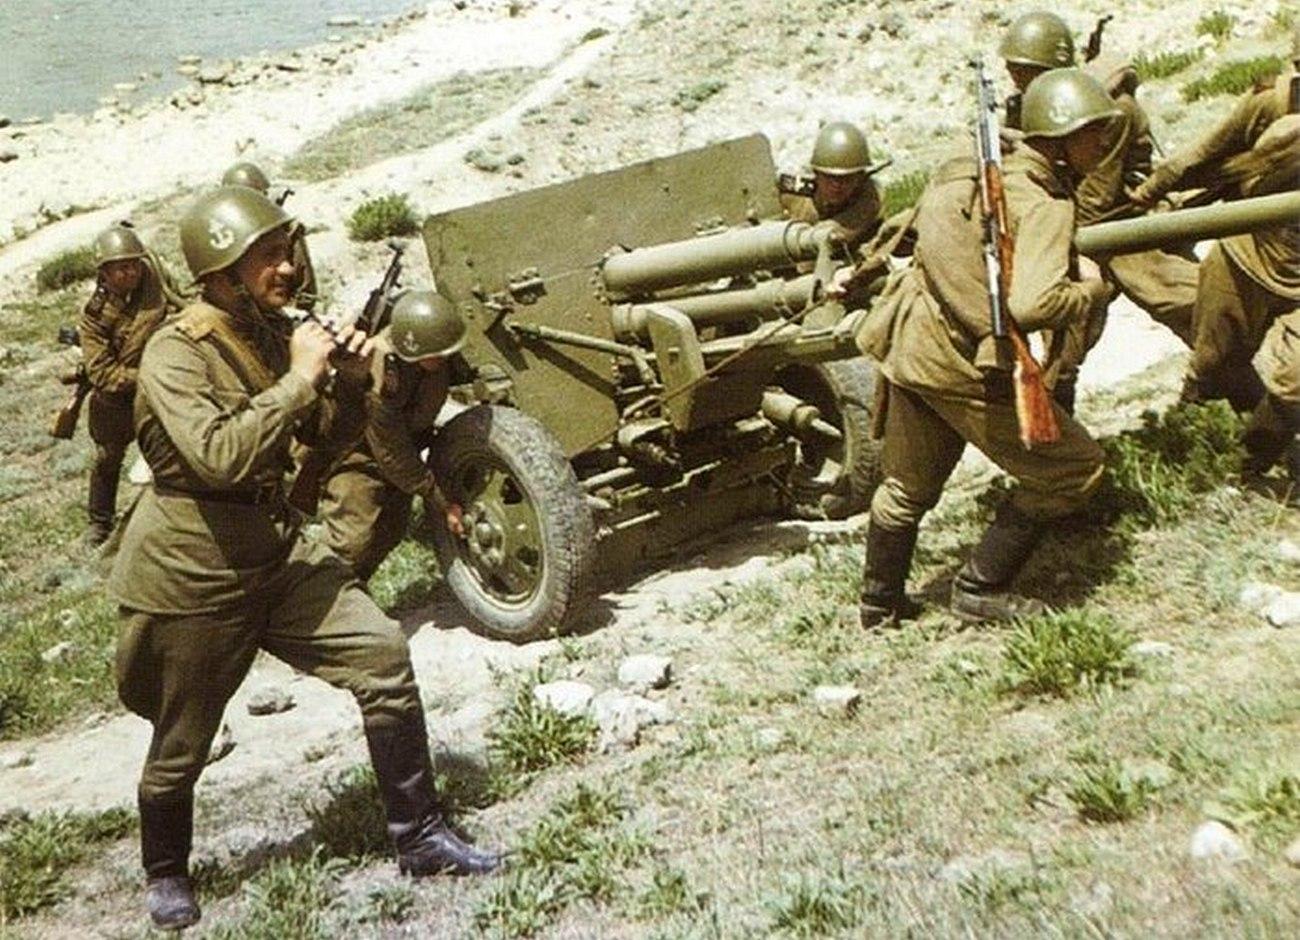 Цветной снимок морской пехоты Черноморского флота на учениях в Крыму в первые послевоенные годы. 1949 год